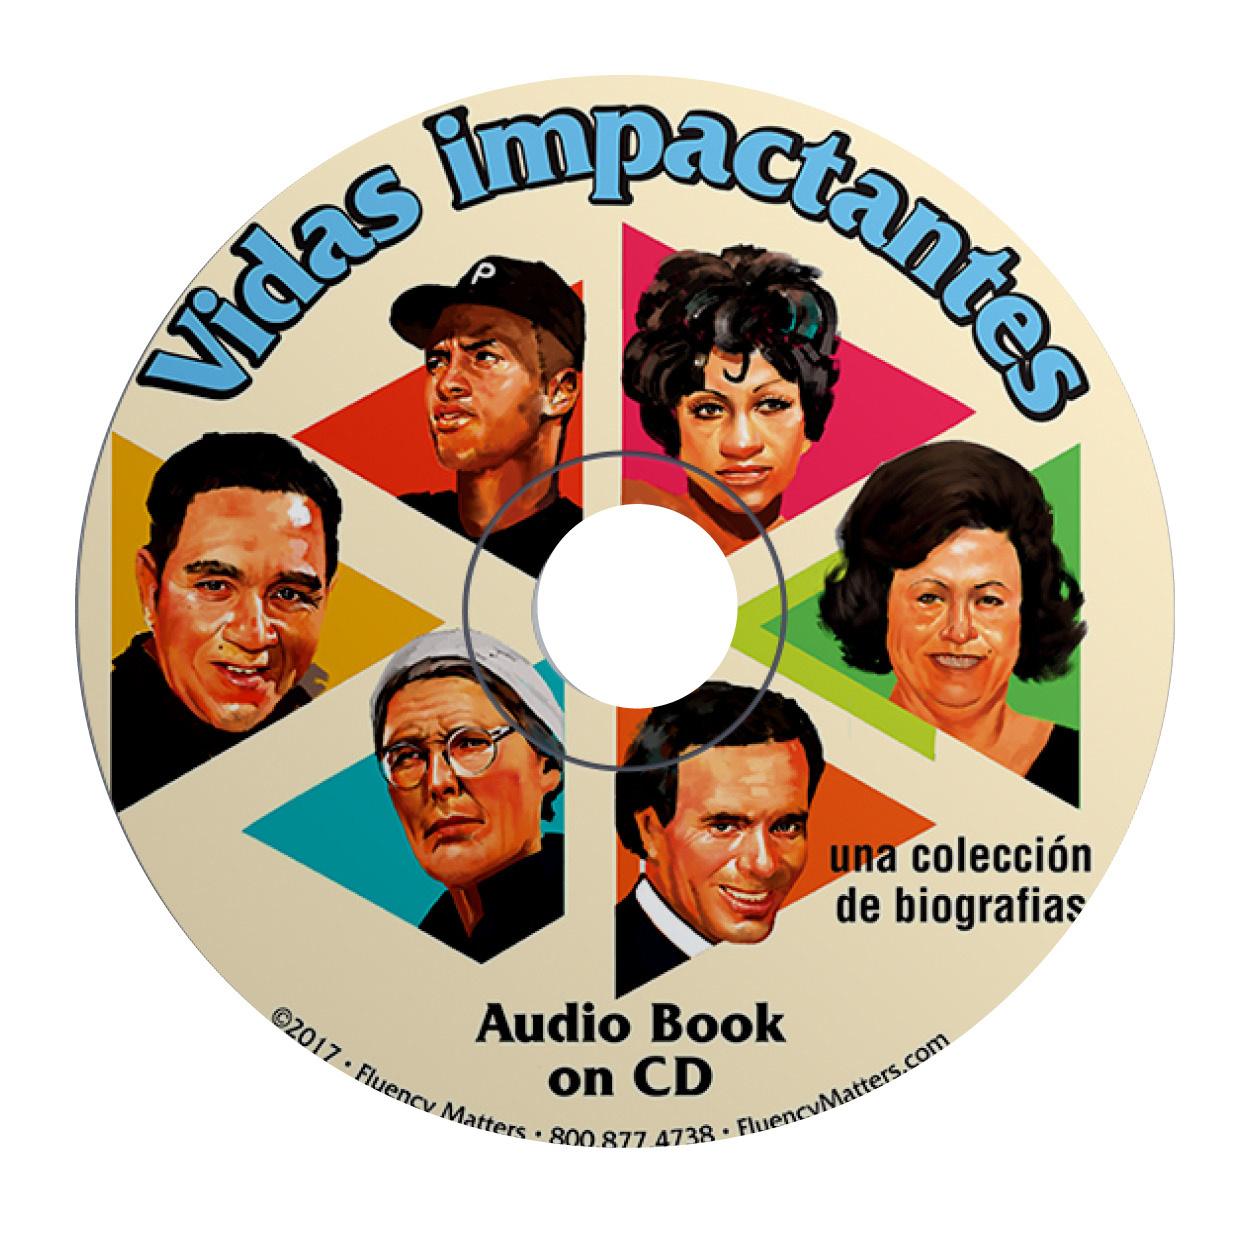 Vidas impactantes - Audio Book